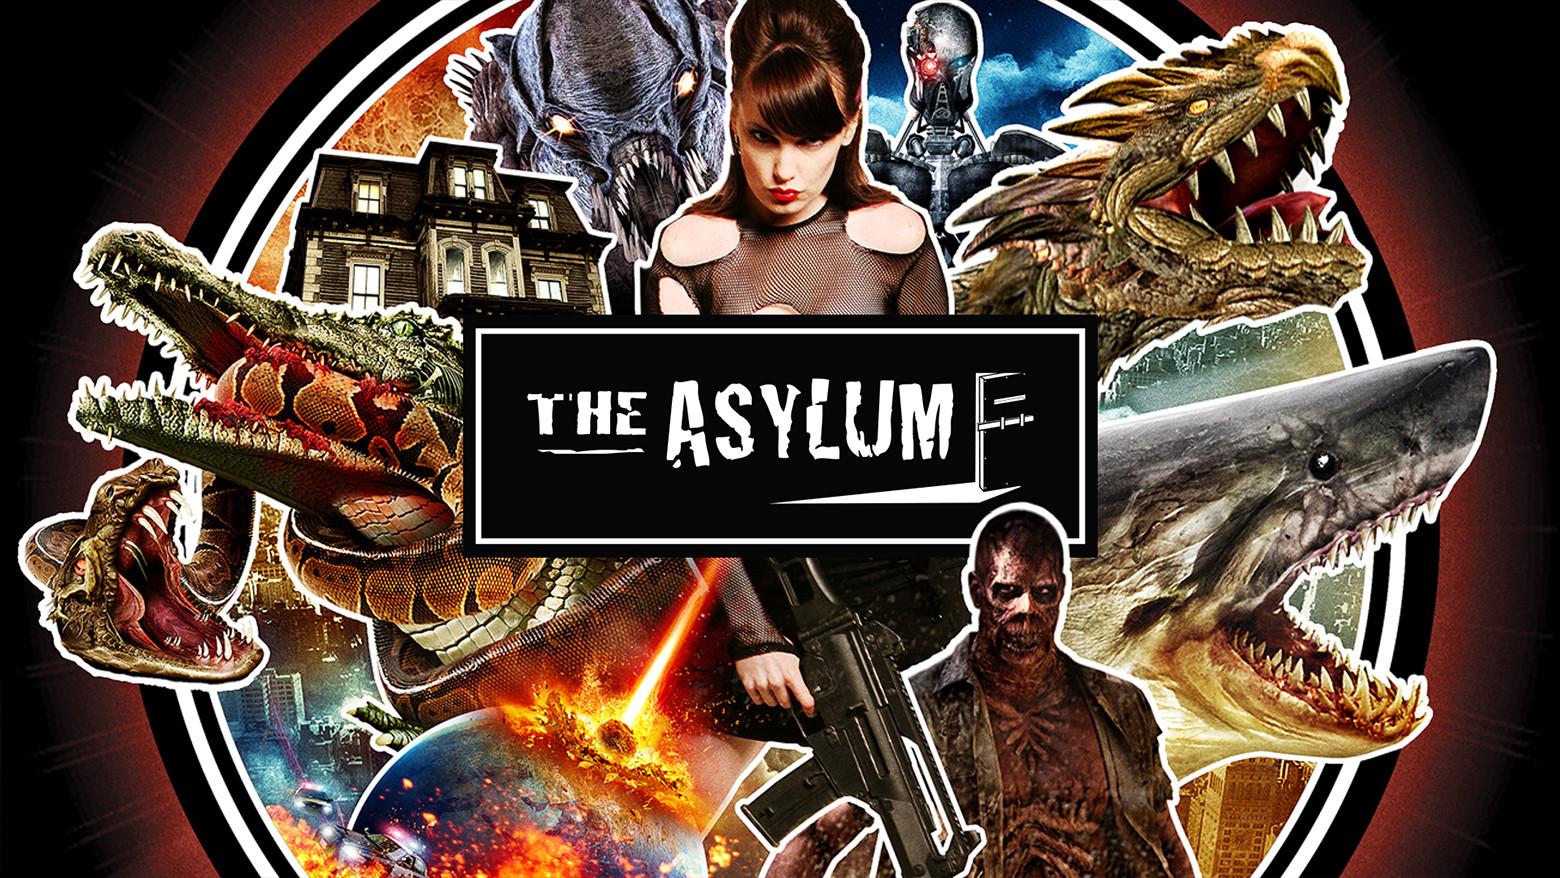 The Asylum_featuredImage.jpg